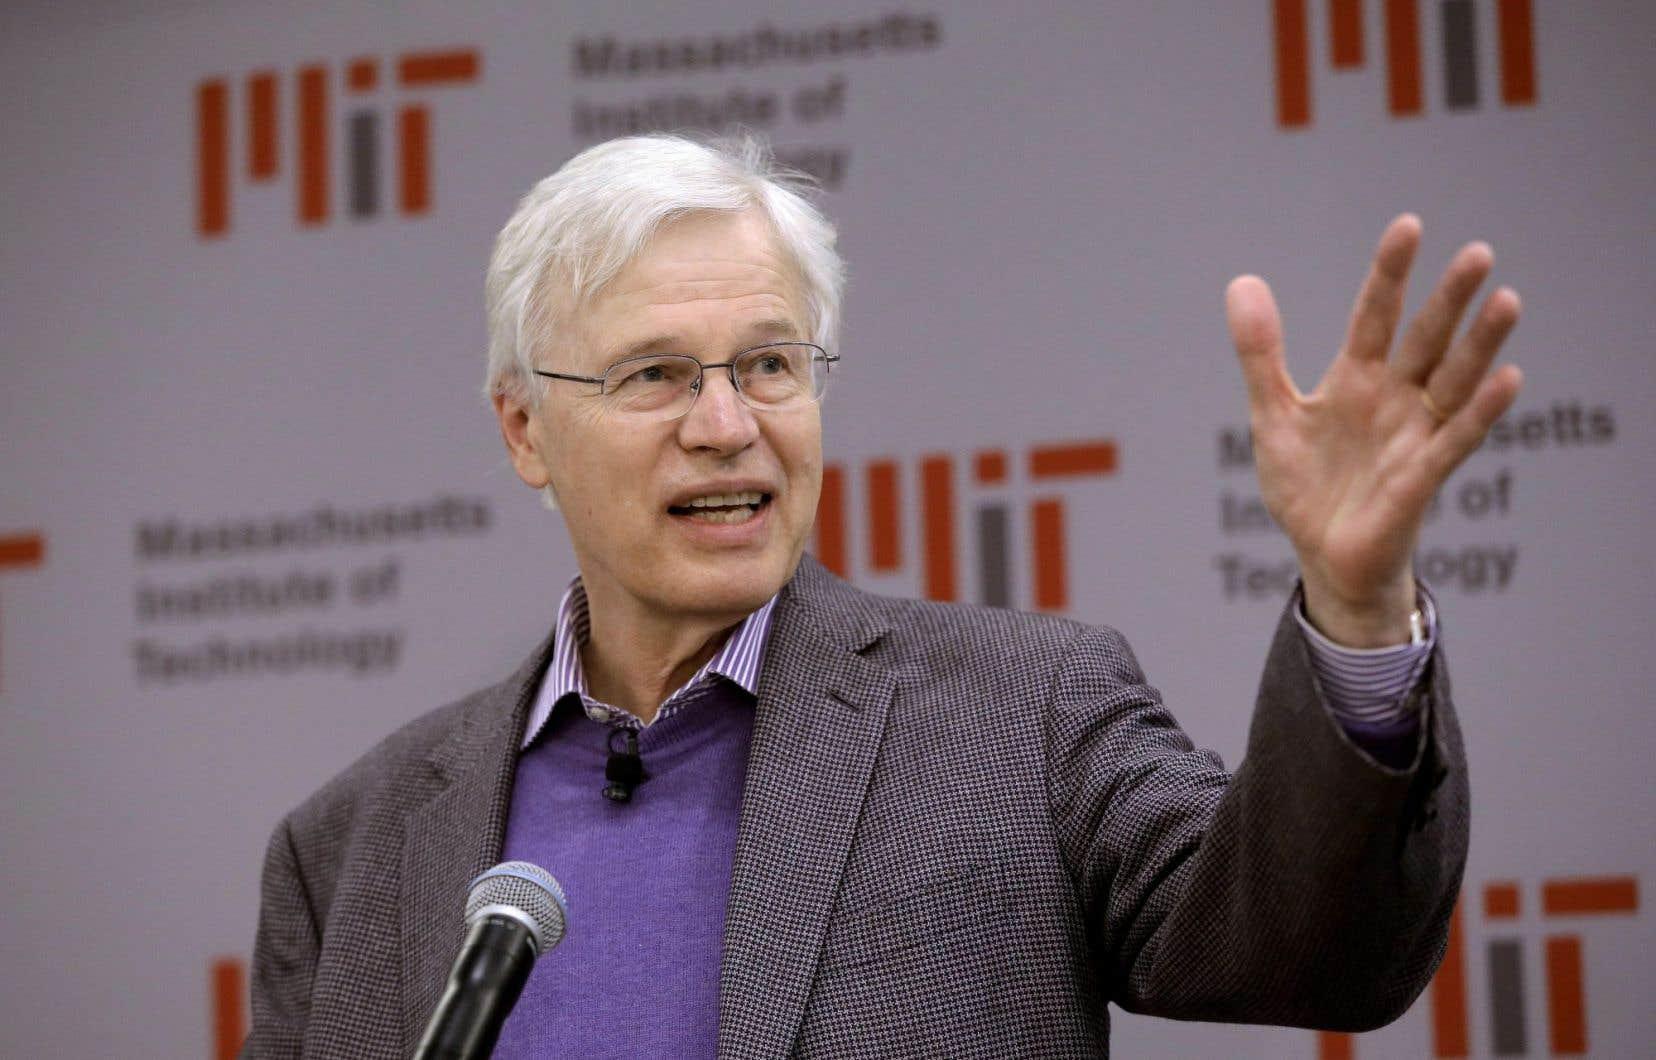 L'un des lauréats du prix Nobel d'économie de cette année, le professeur au MIT Bengt Holmström